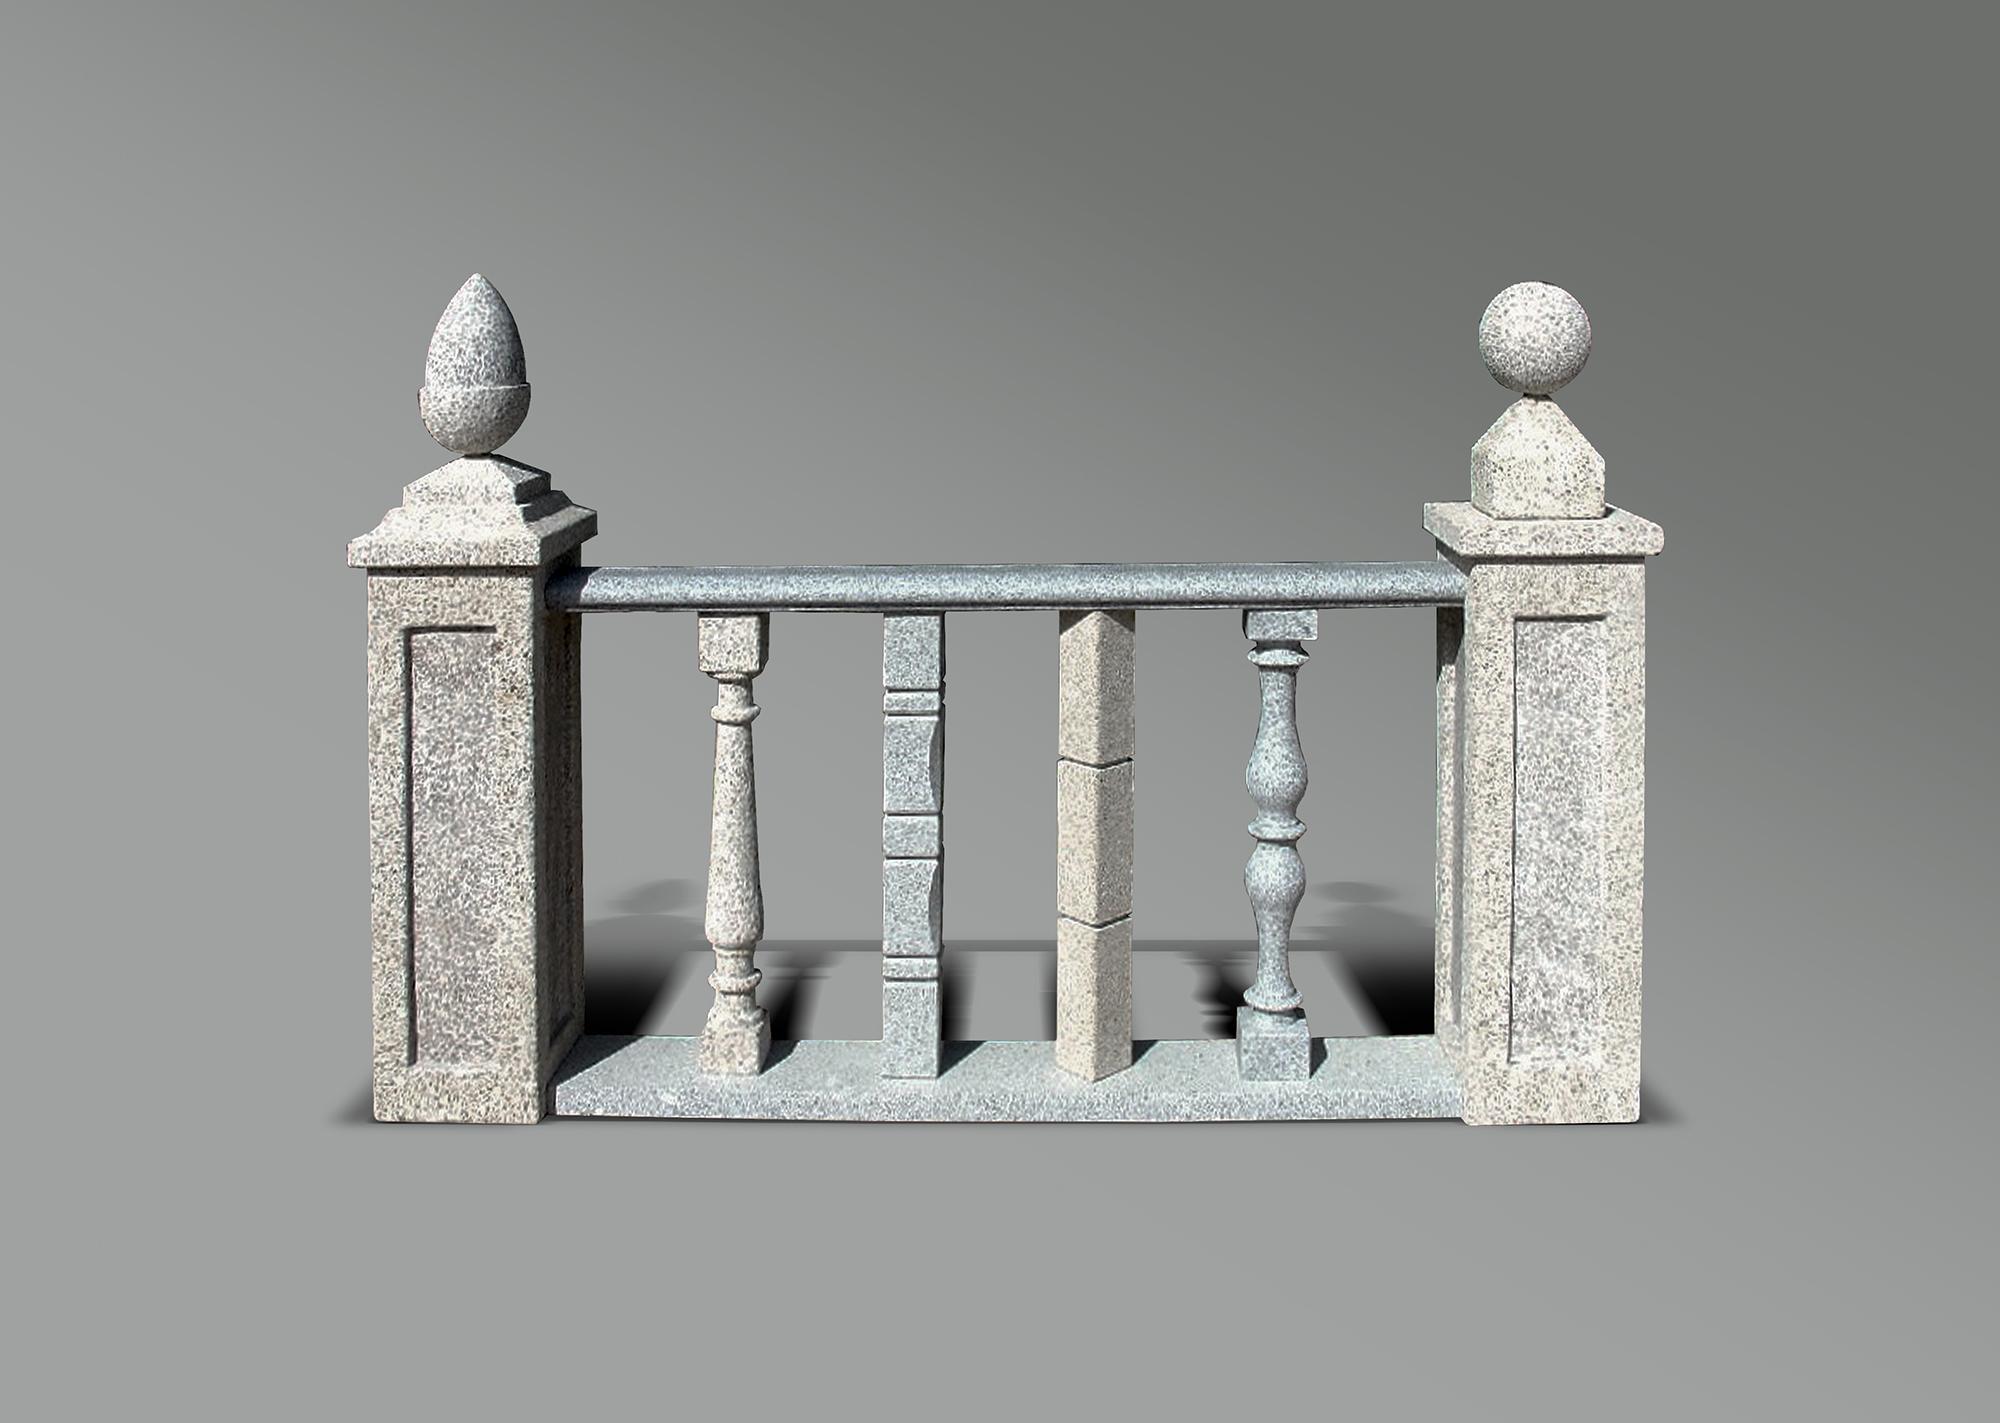 Balaustrada y complementos